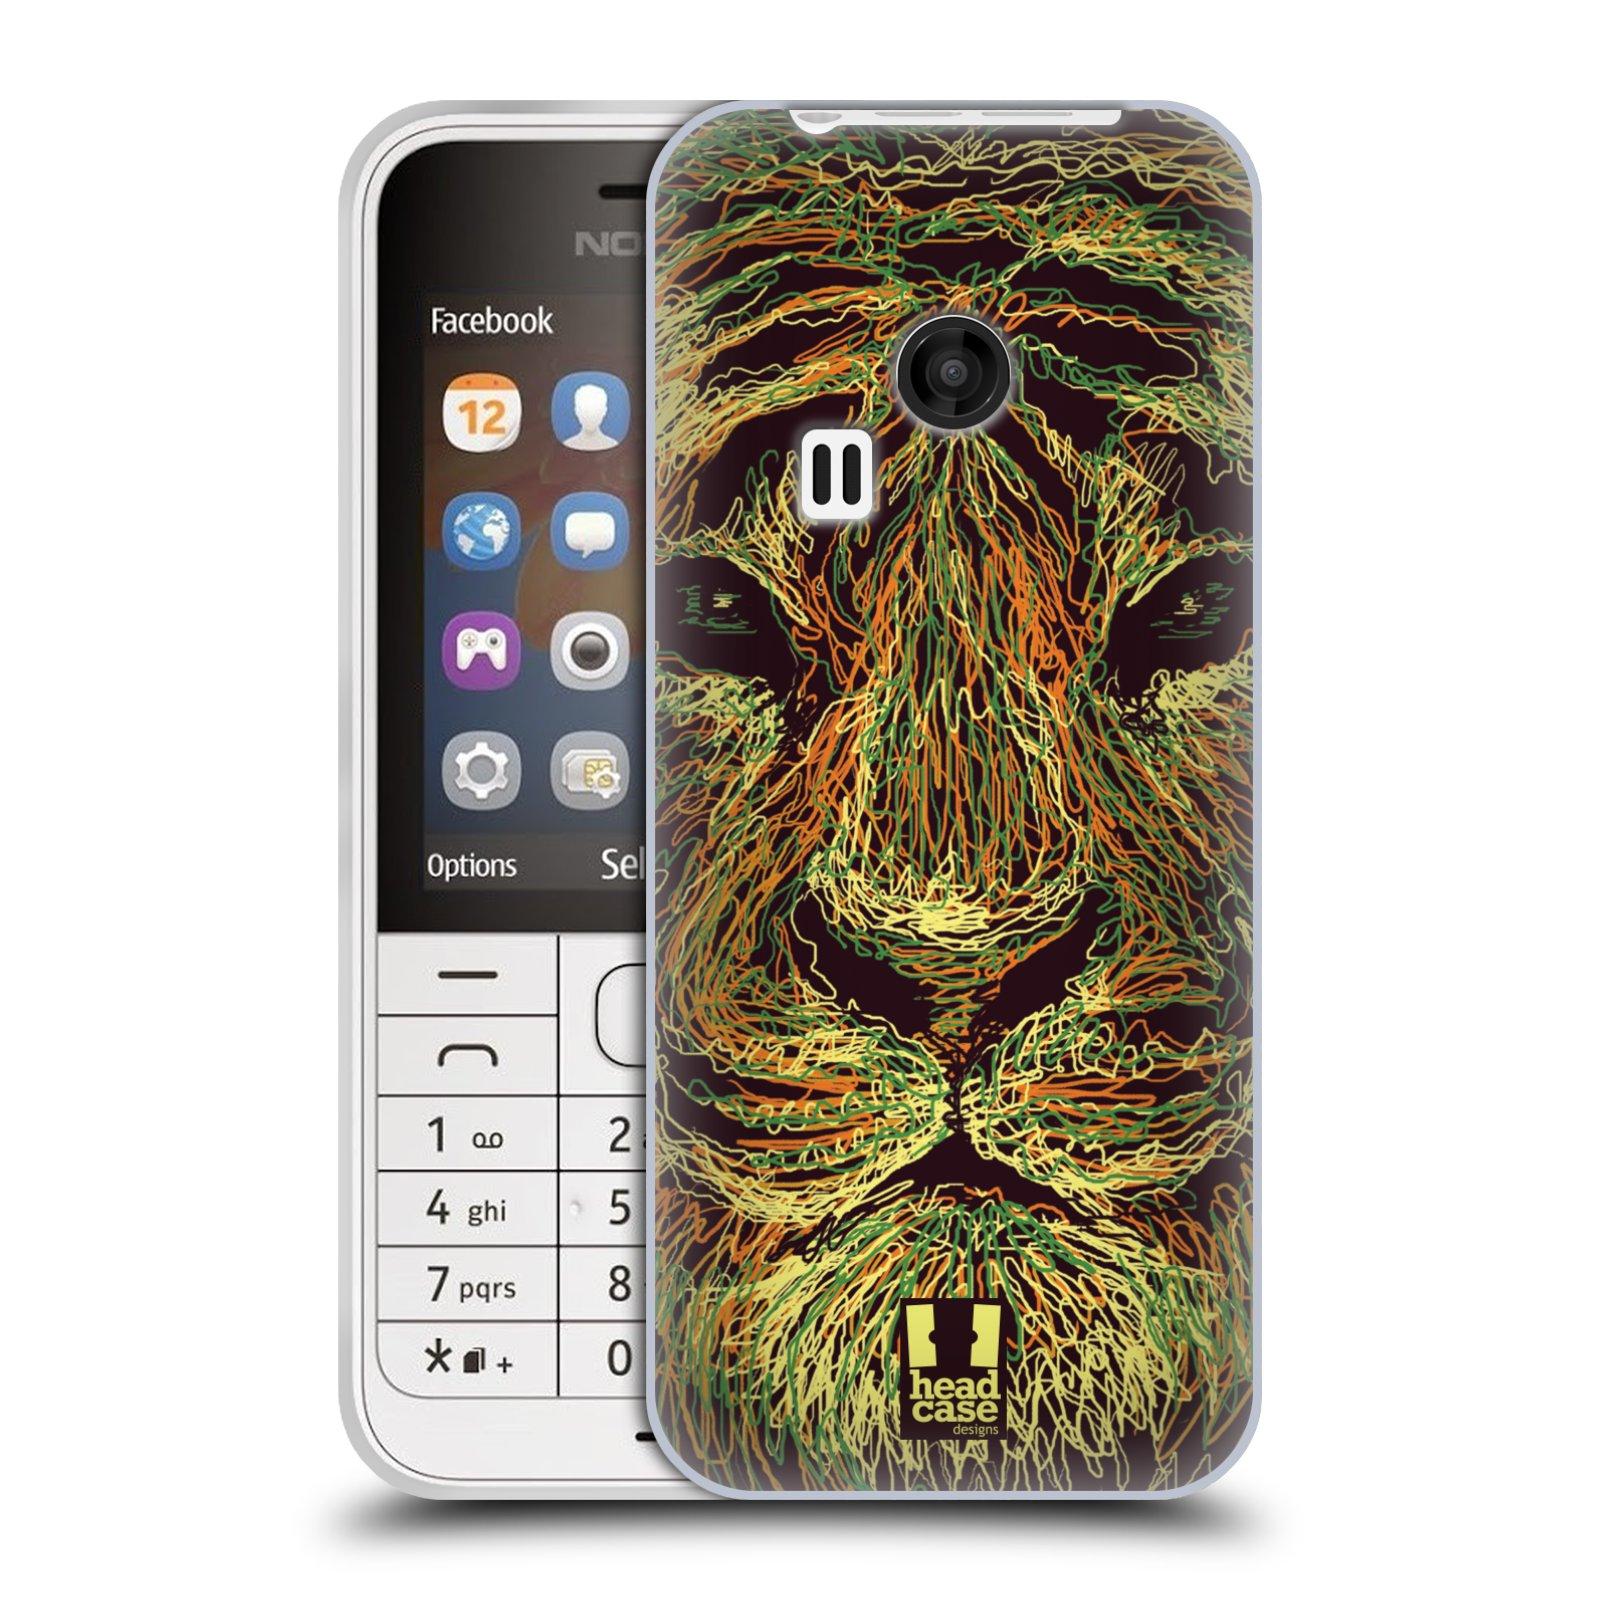 HEAD CASE silikonový obal na mobil NOKIA 220 / NOKIA 220 DUAL SIM vzor zvíře čmáranice tygr